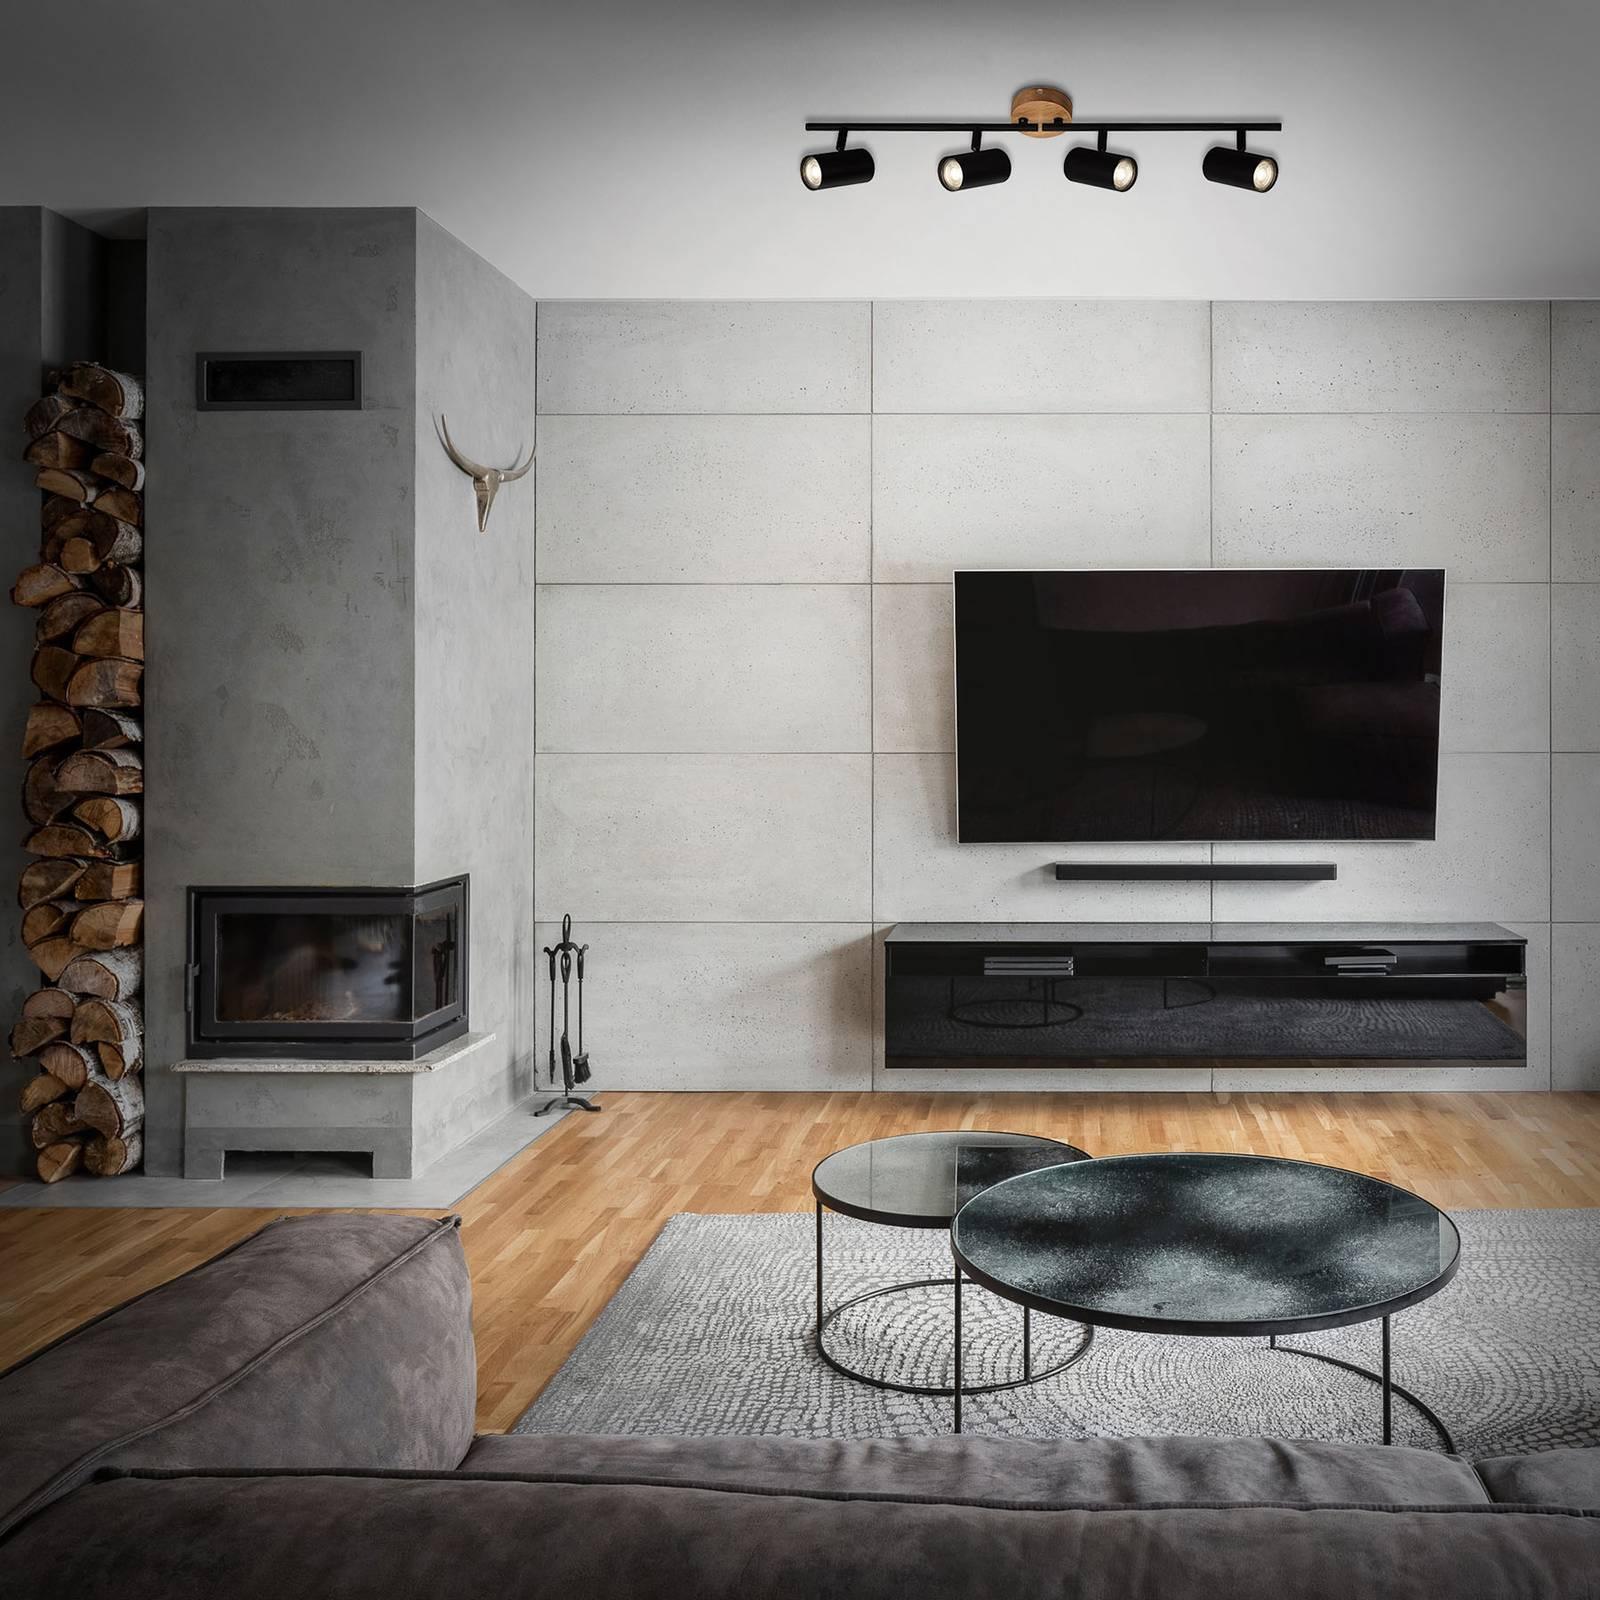 Wood & Style 2920 kattospotti, 4-lamppuinen